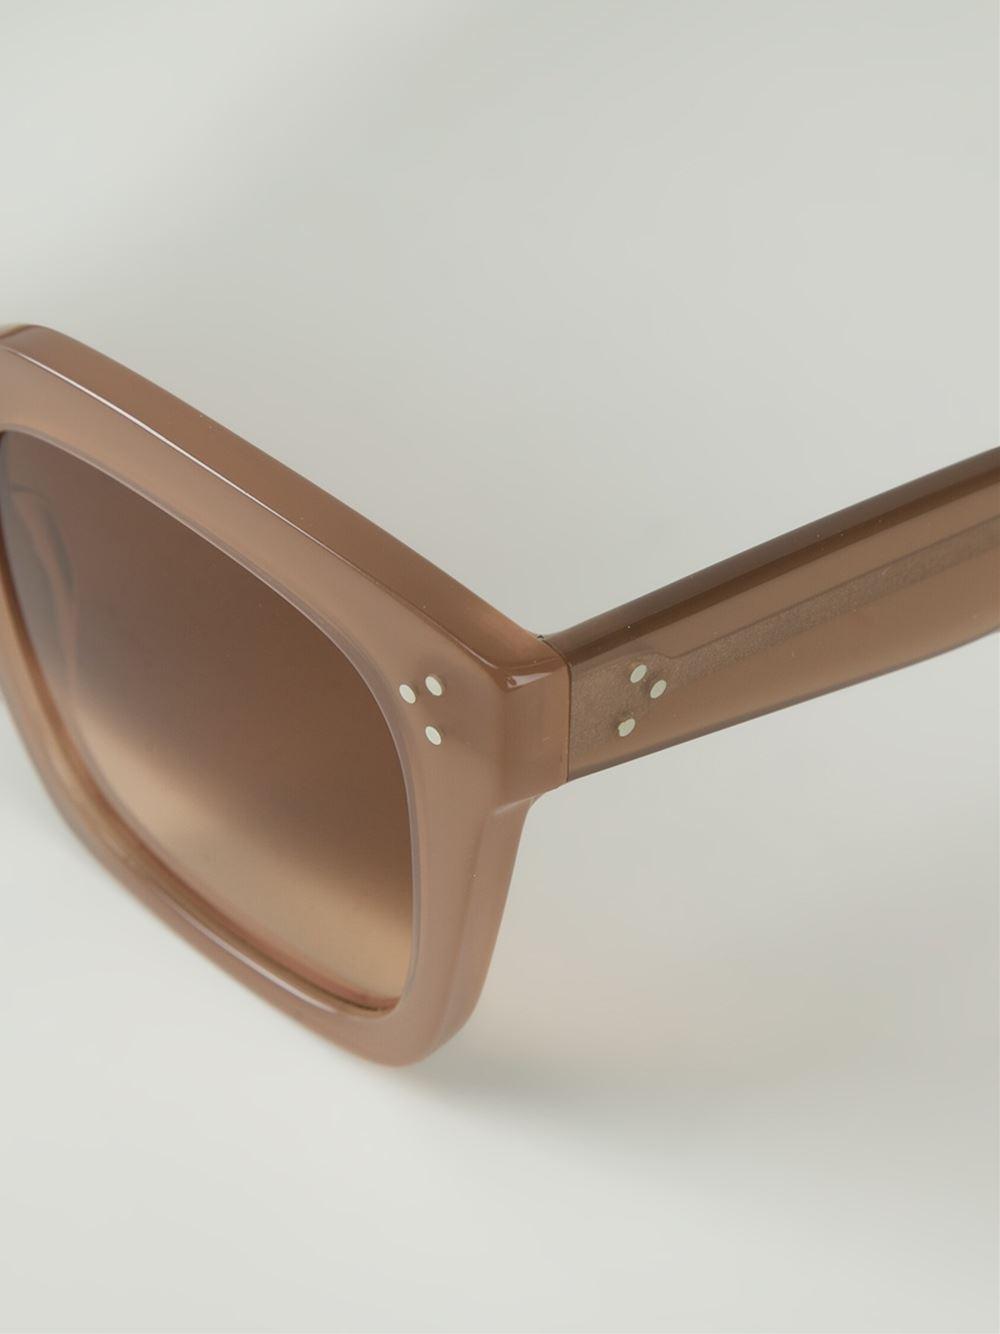 53af45d78e43 Celine Sunglasses Tilda Brown - Bitterroot Public Library